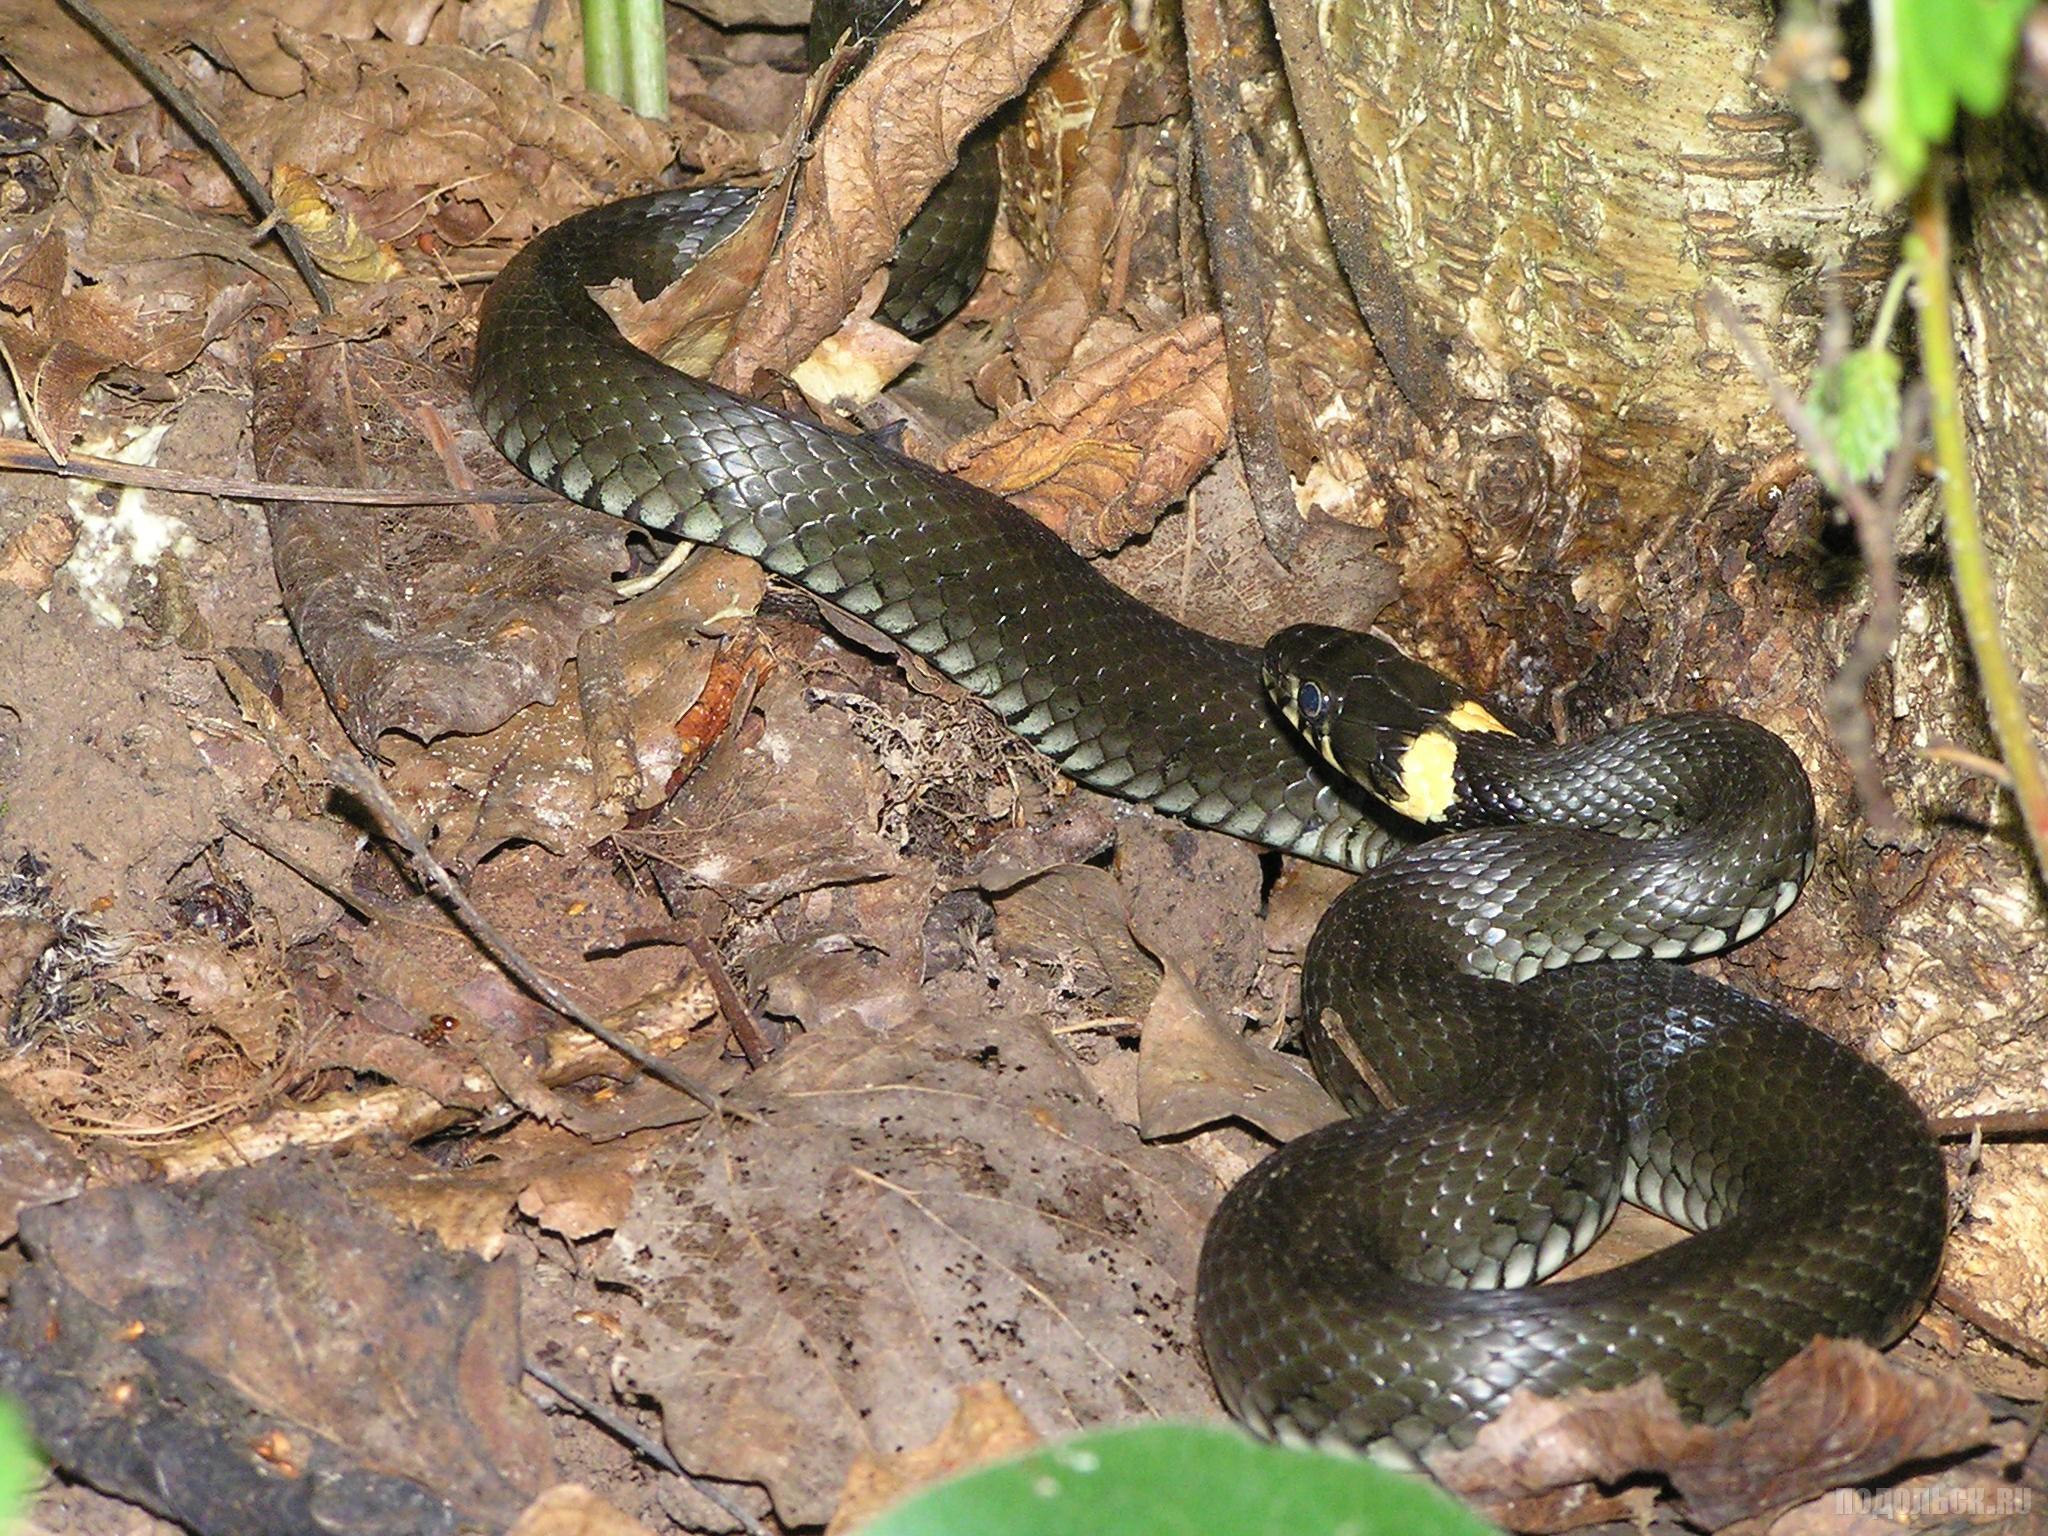 Змеи подмосковья виды фото и названия